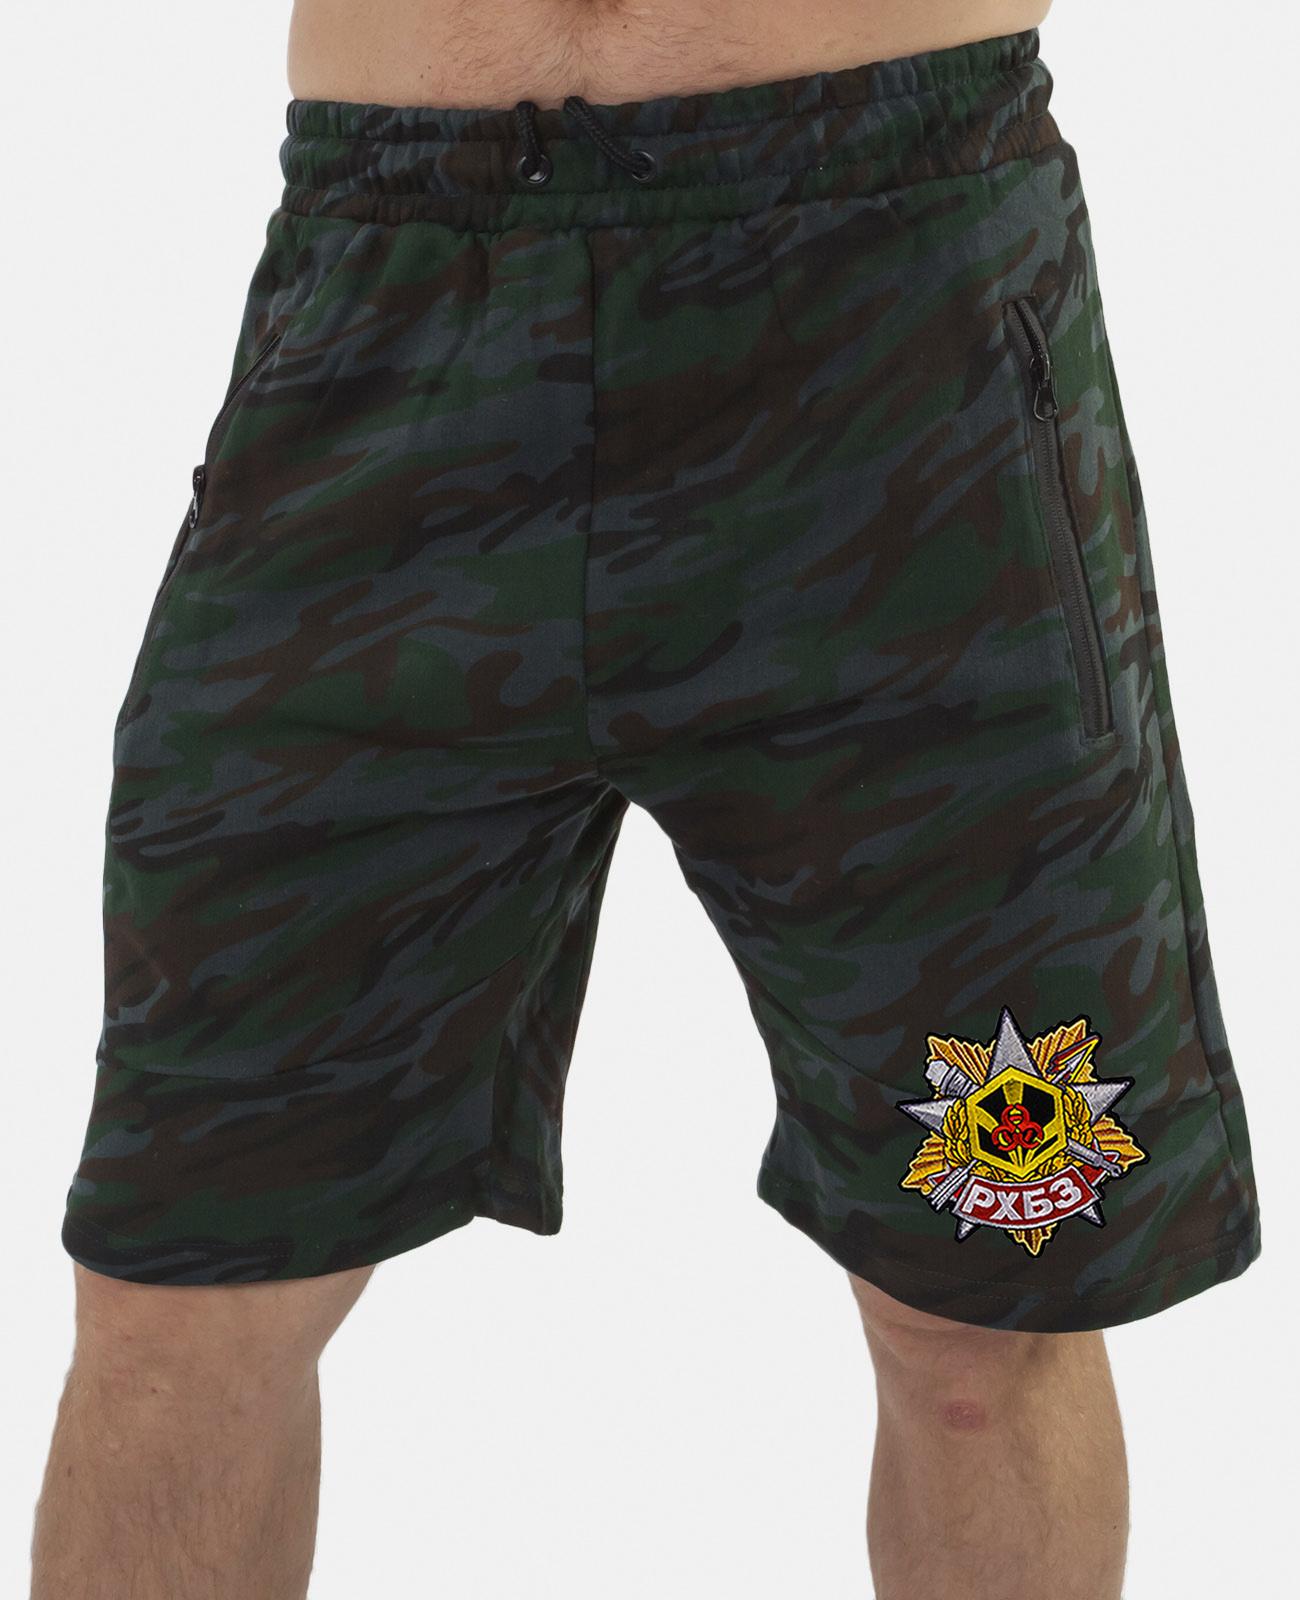 Купить мужские особенные шорты с карманами и нашивкой РХБЗ оптом выгодно